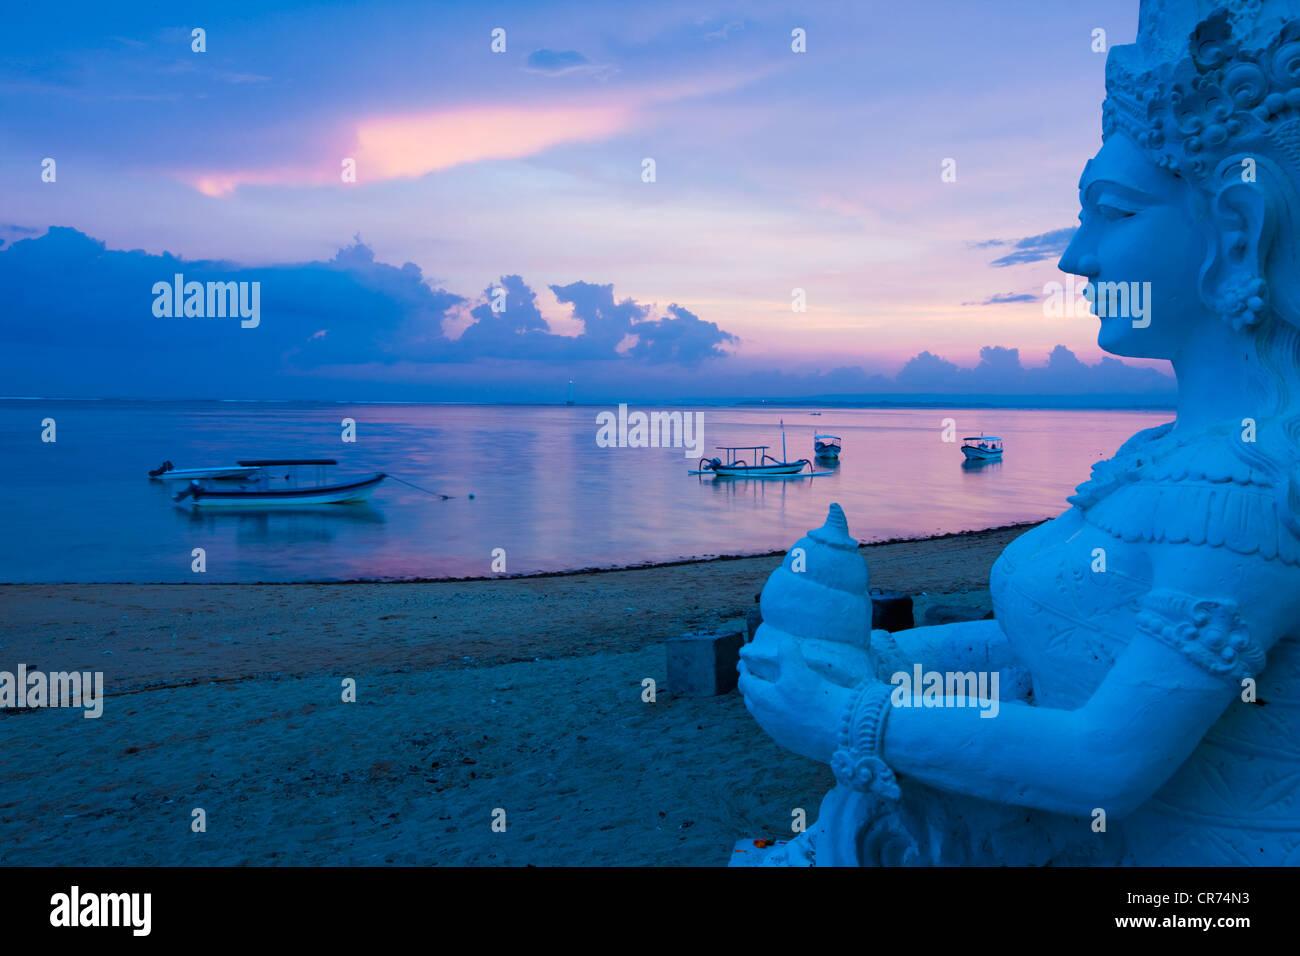 Indonesia, Bali, Sanur, statua con il mare in fondo al crepuscolo Immagini Stock